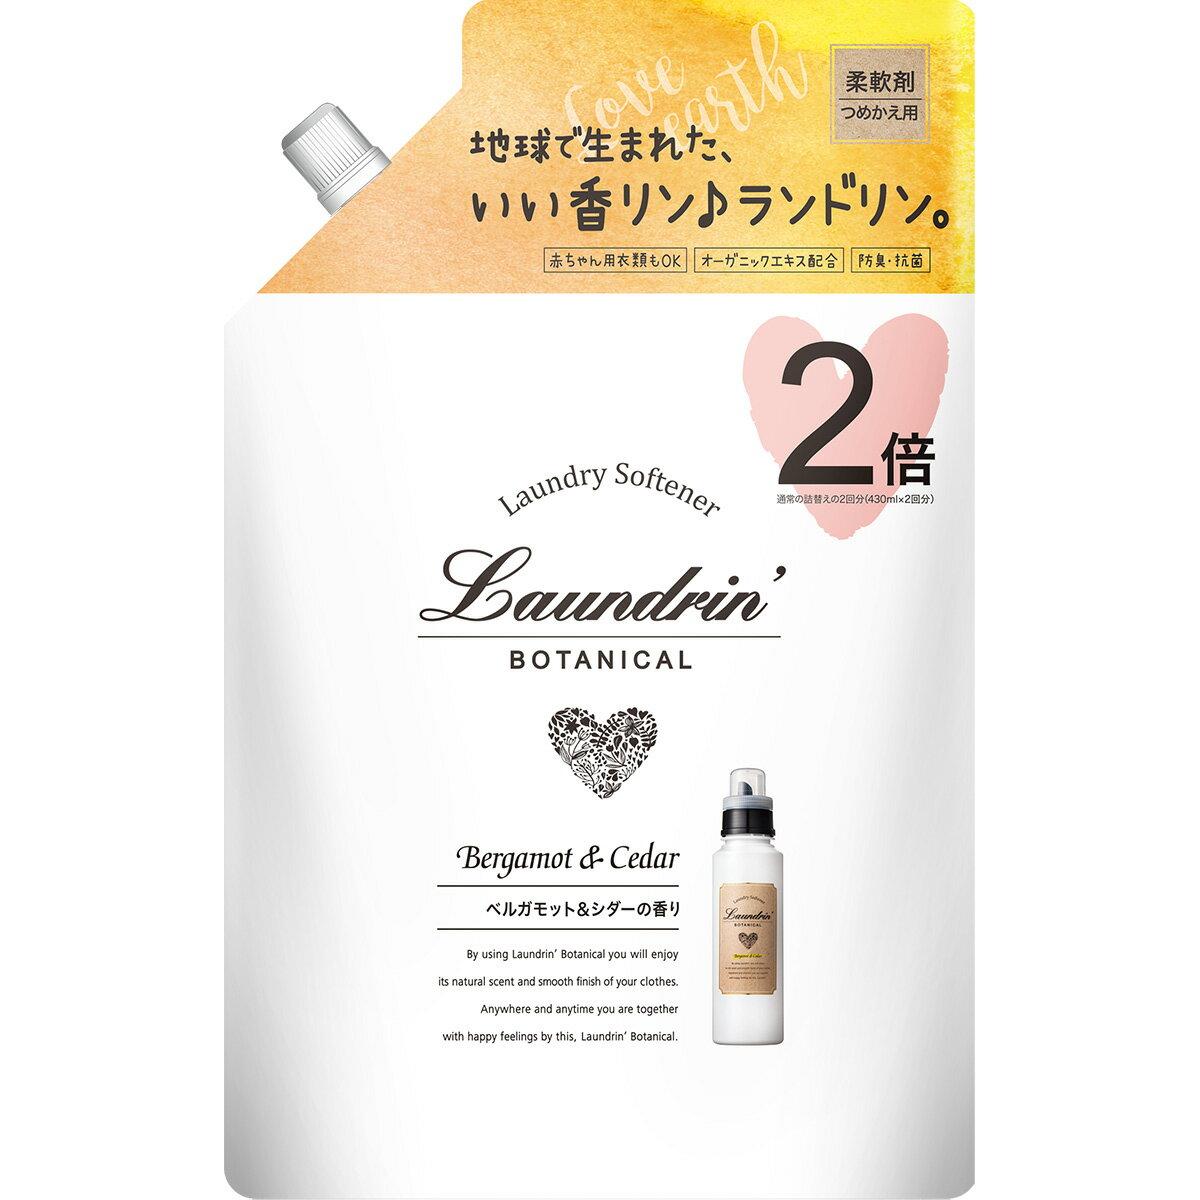 【ポイント10倍】ランドリン ボタニカル 柔軟剤 詰め替え ベルガモット&シダー 大容量 860ml